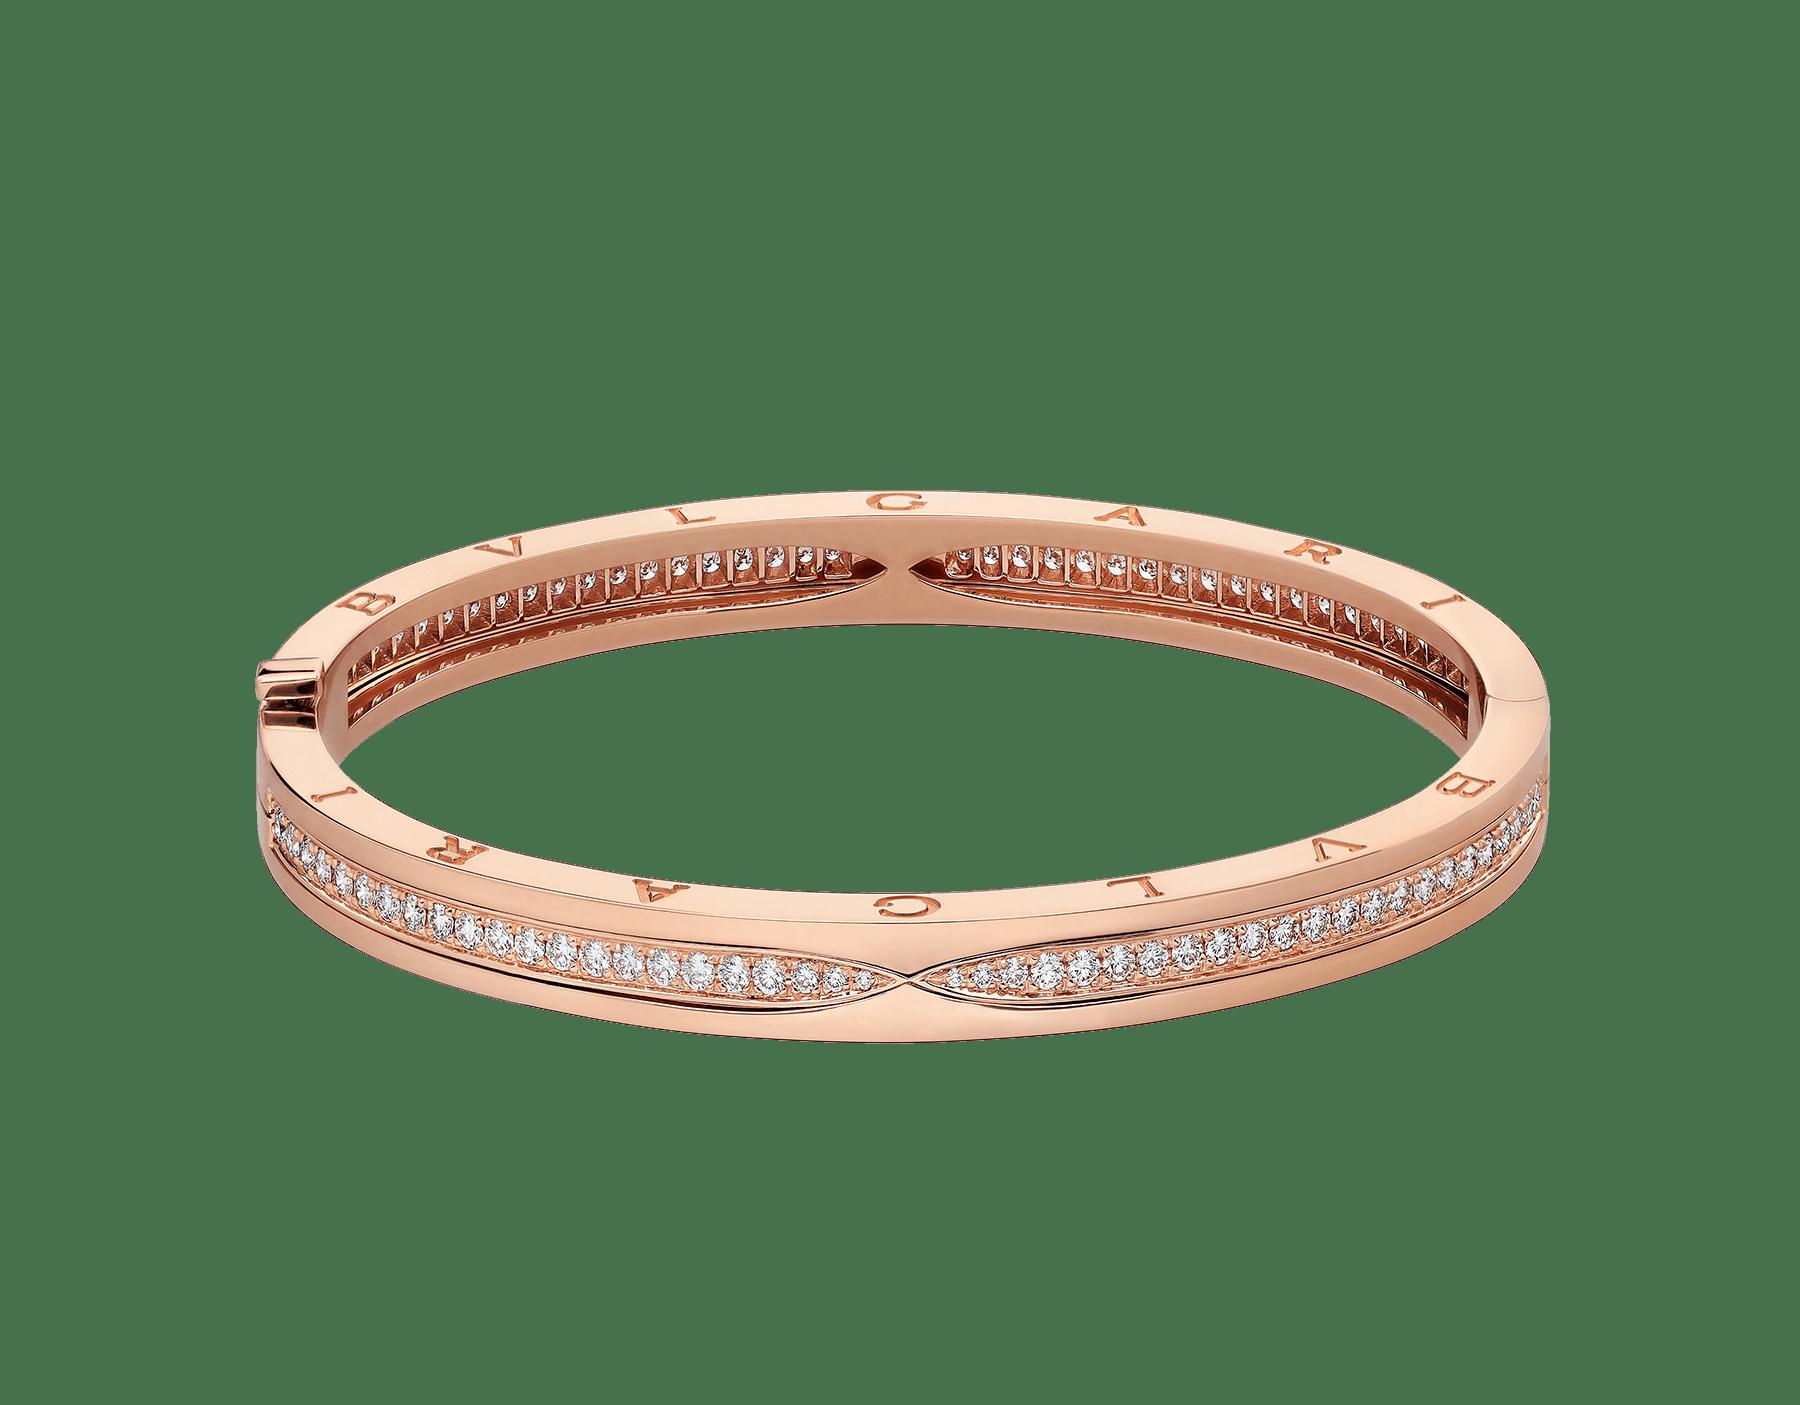 Mêlant spirale emblématique audacieuse et pavé diamants éclatant, le bracelet jonc B.zero1 dévoile une personnalité polyvalente et une élégance contemporaine. BR857372 image 2